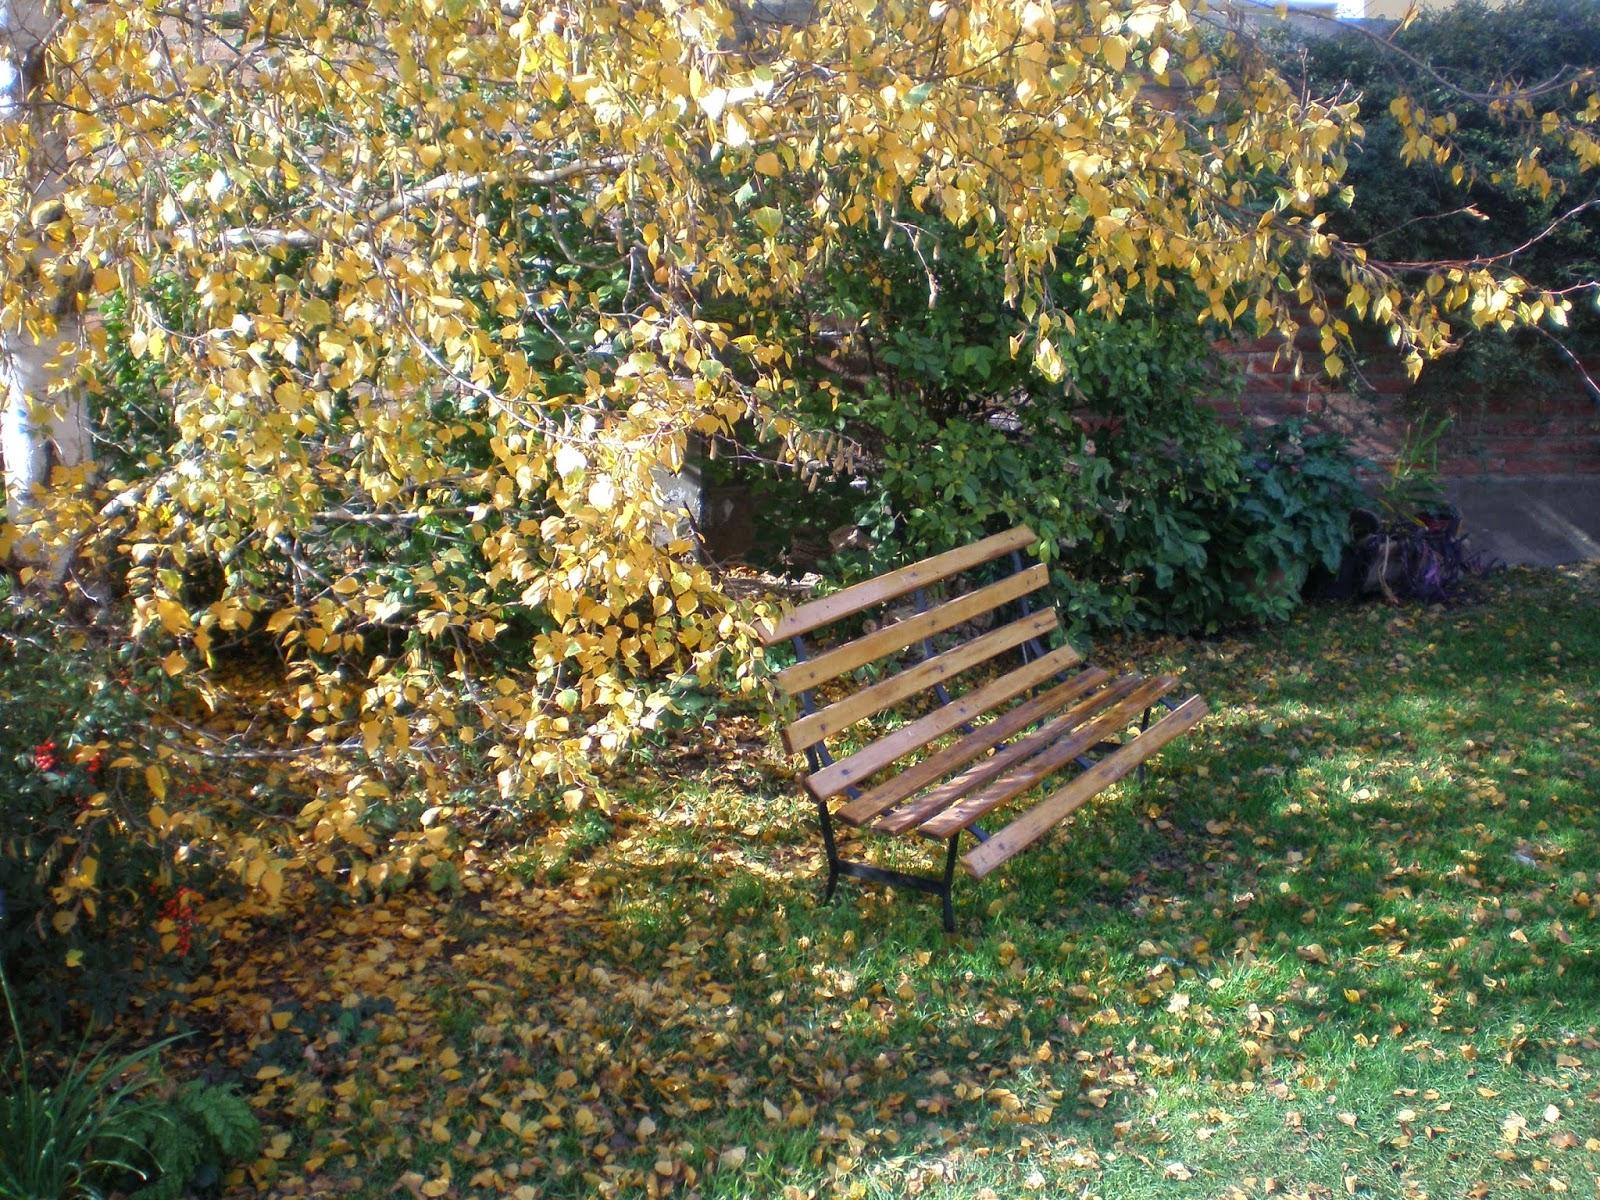 Consejos de jardineria paisajismo y huerta el jardin en - Que es paisajismo ...